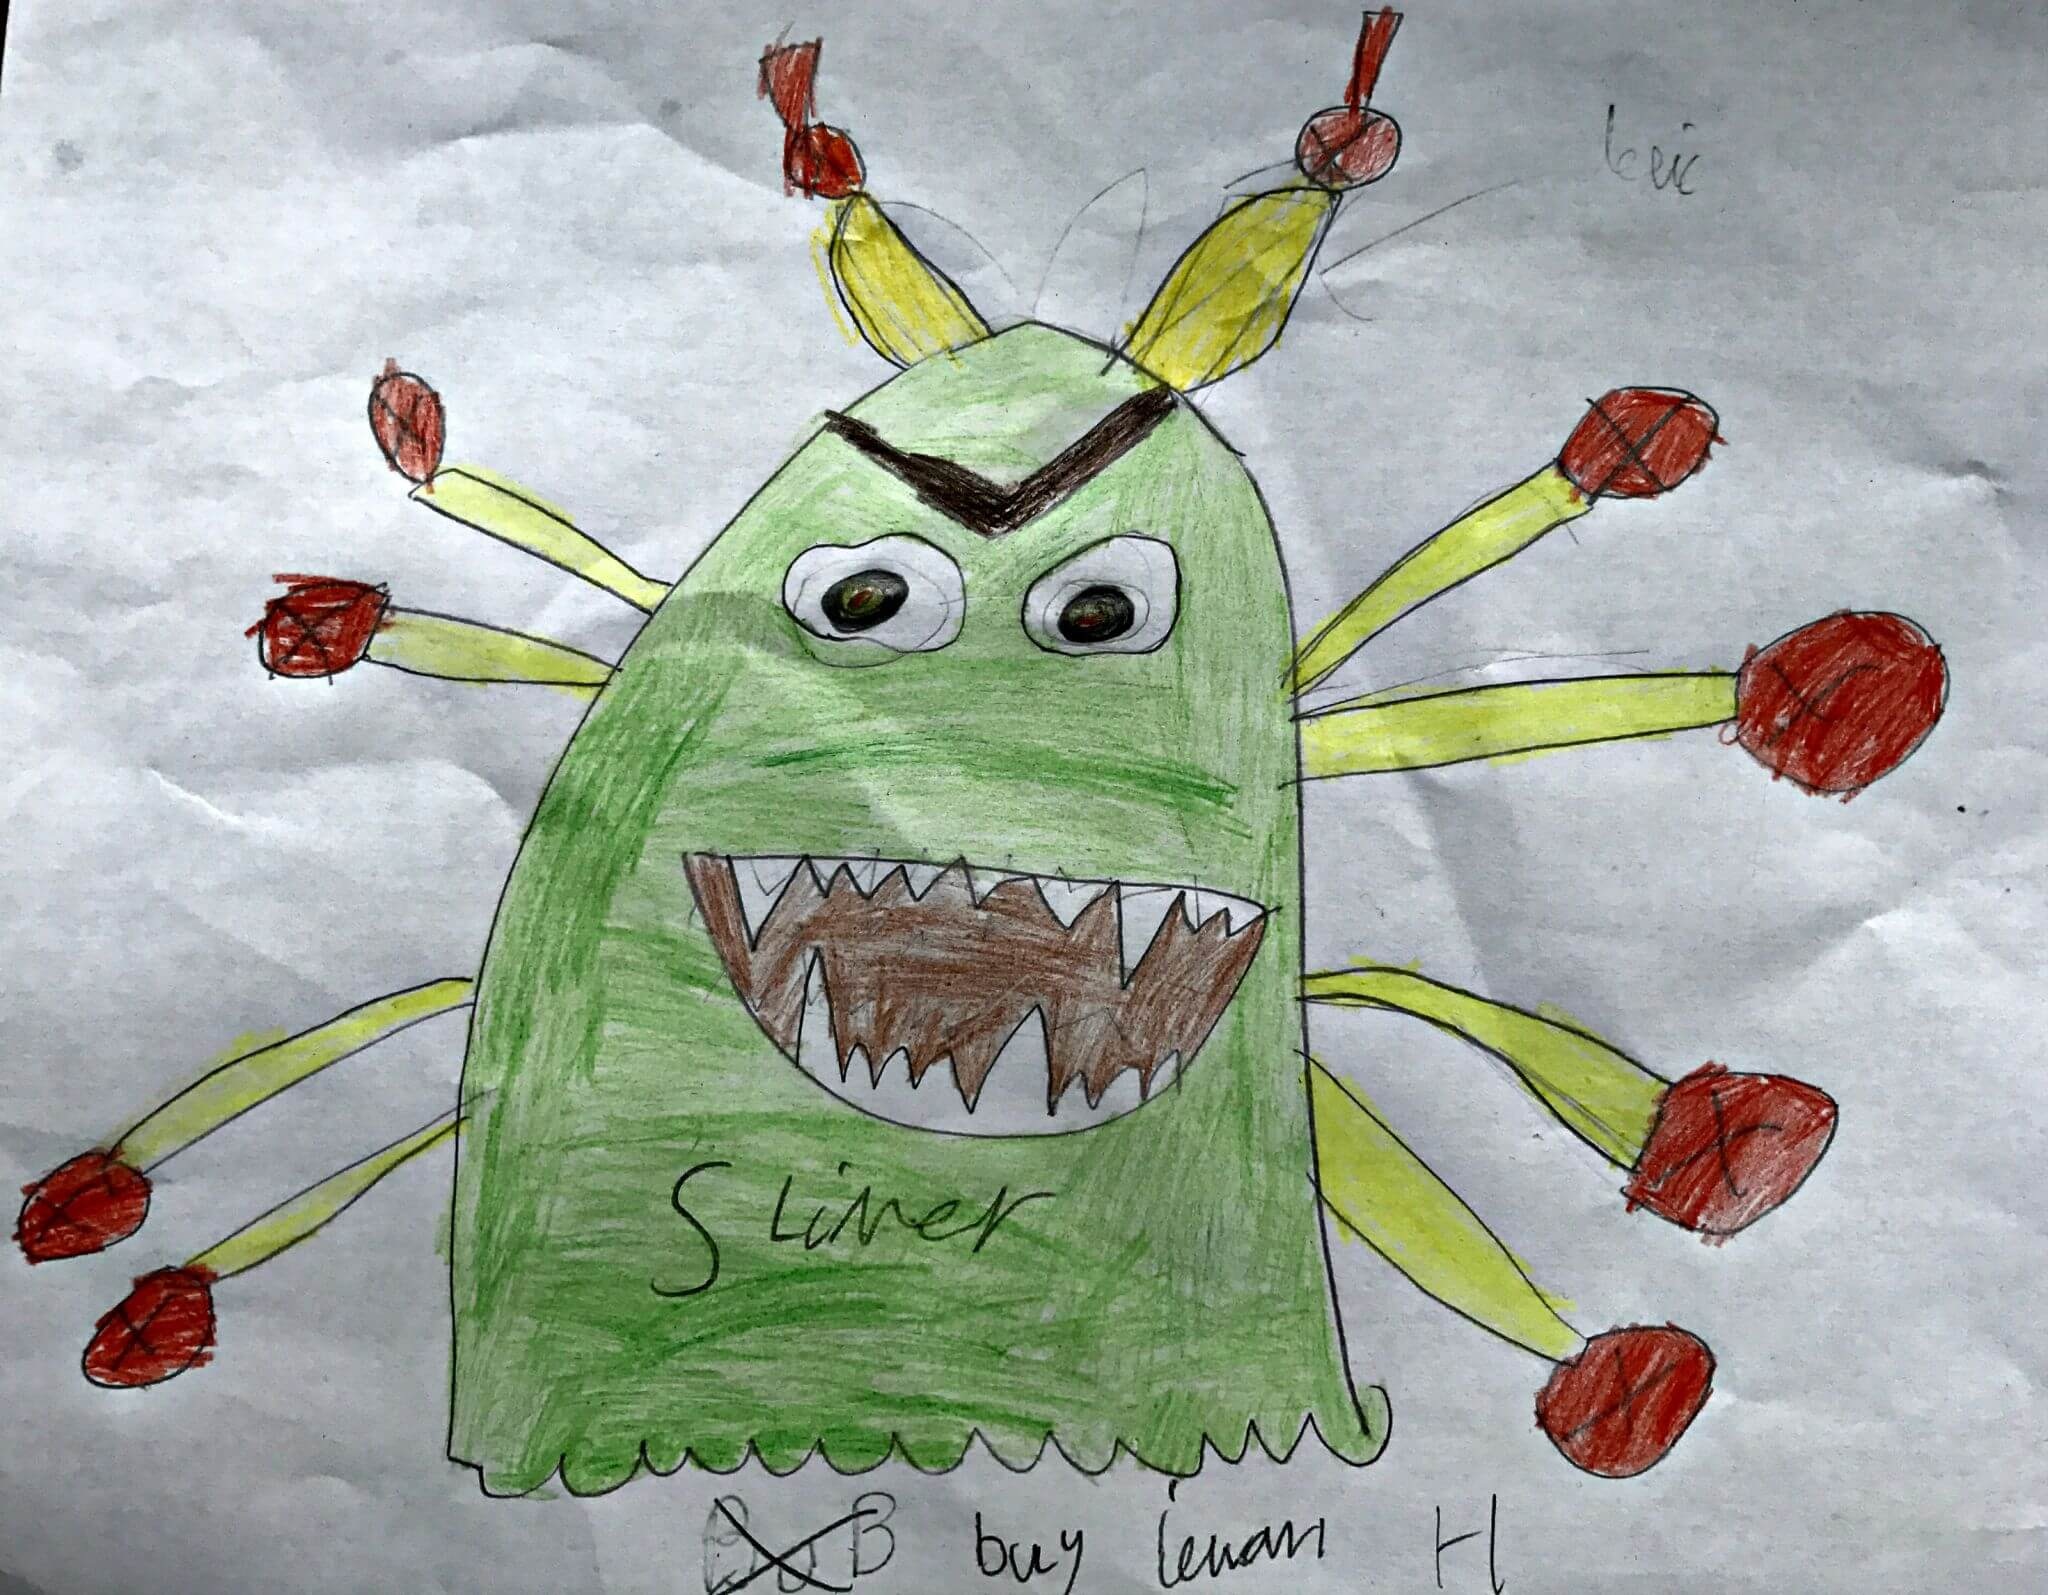 Ieuan's drawing of his dream pet - Slimer